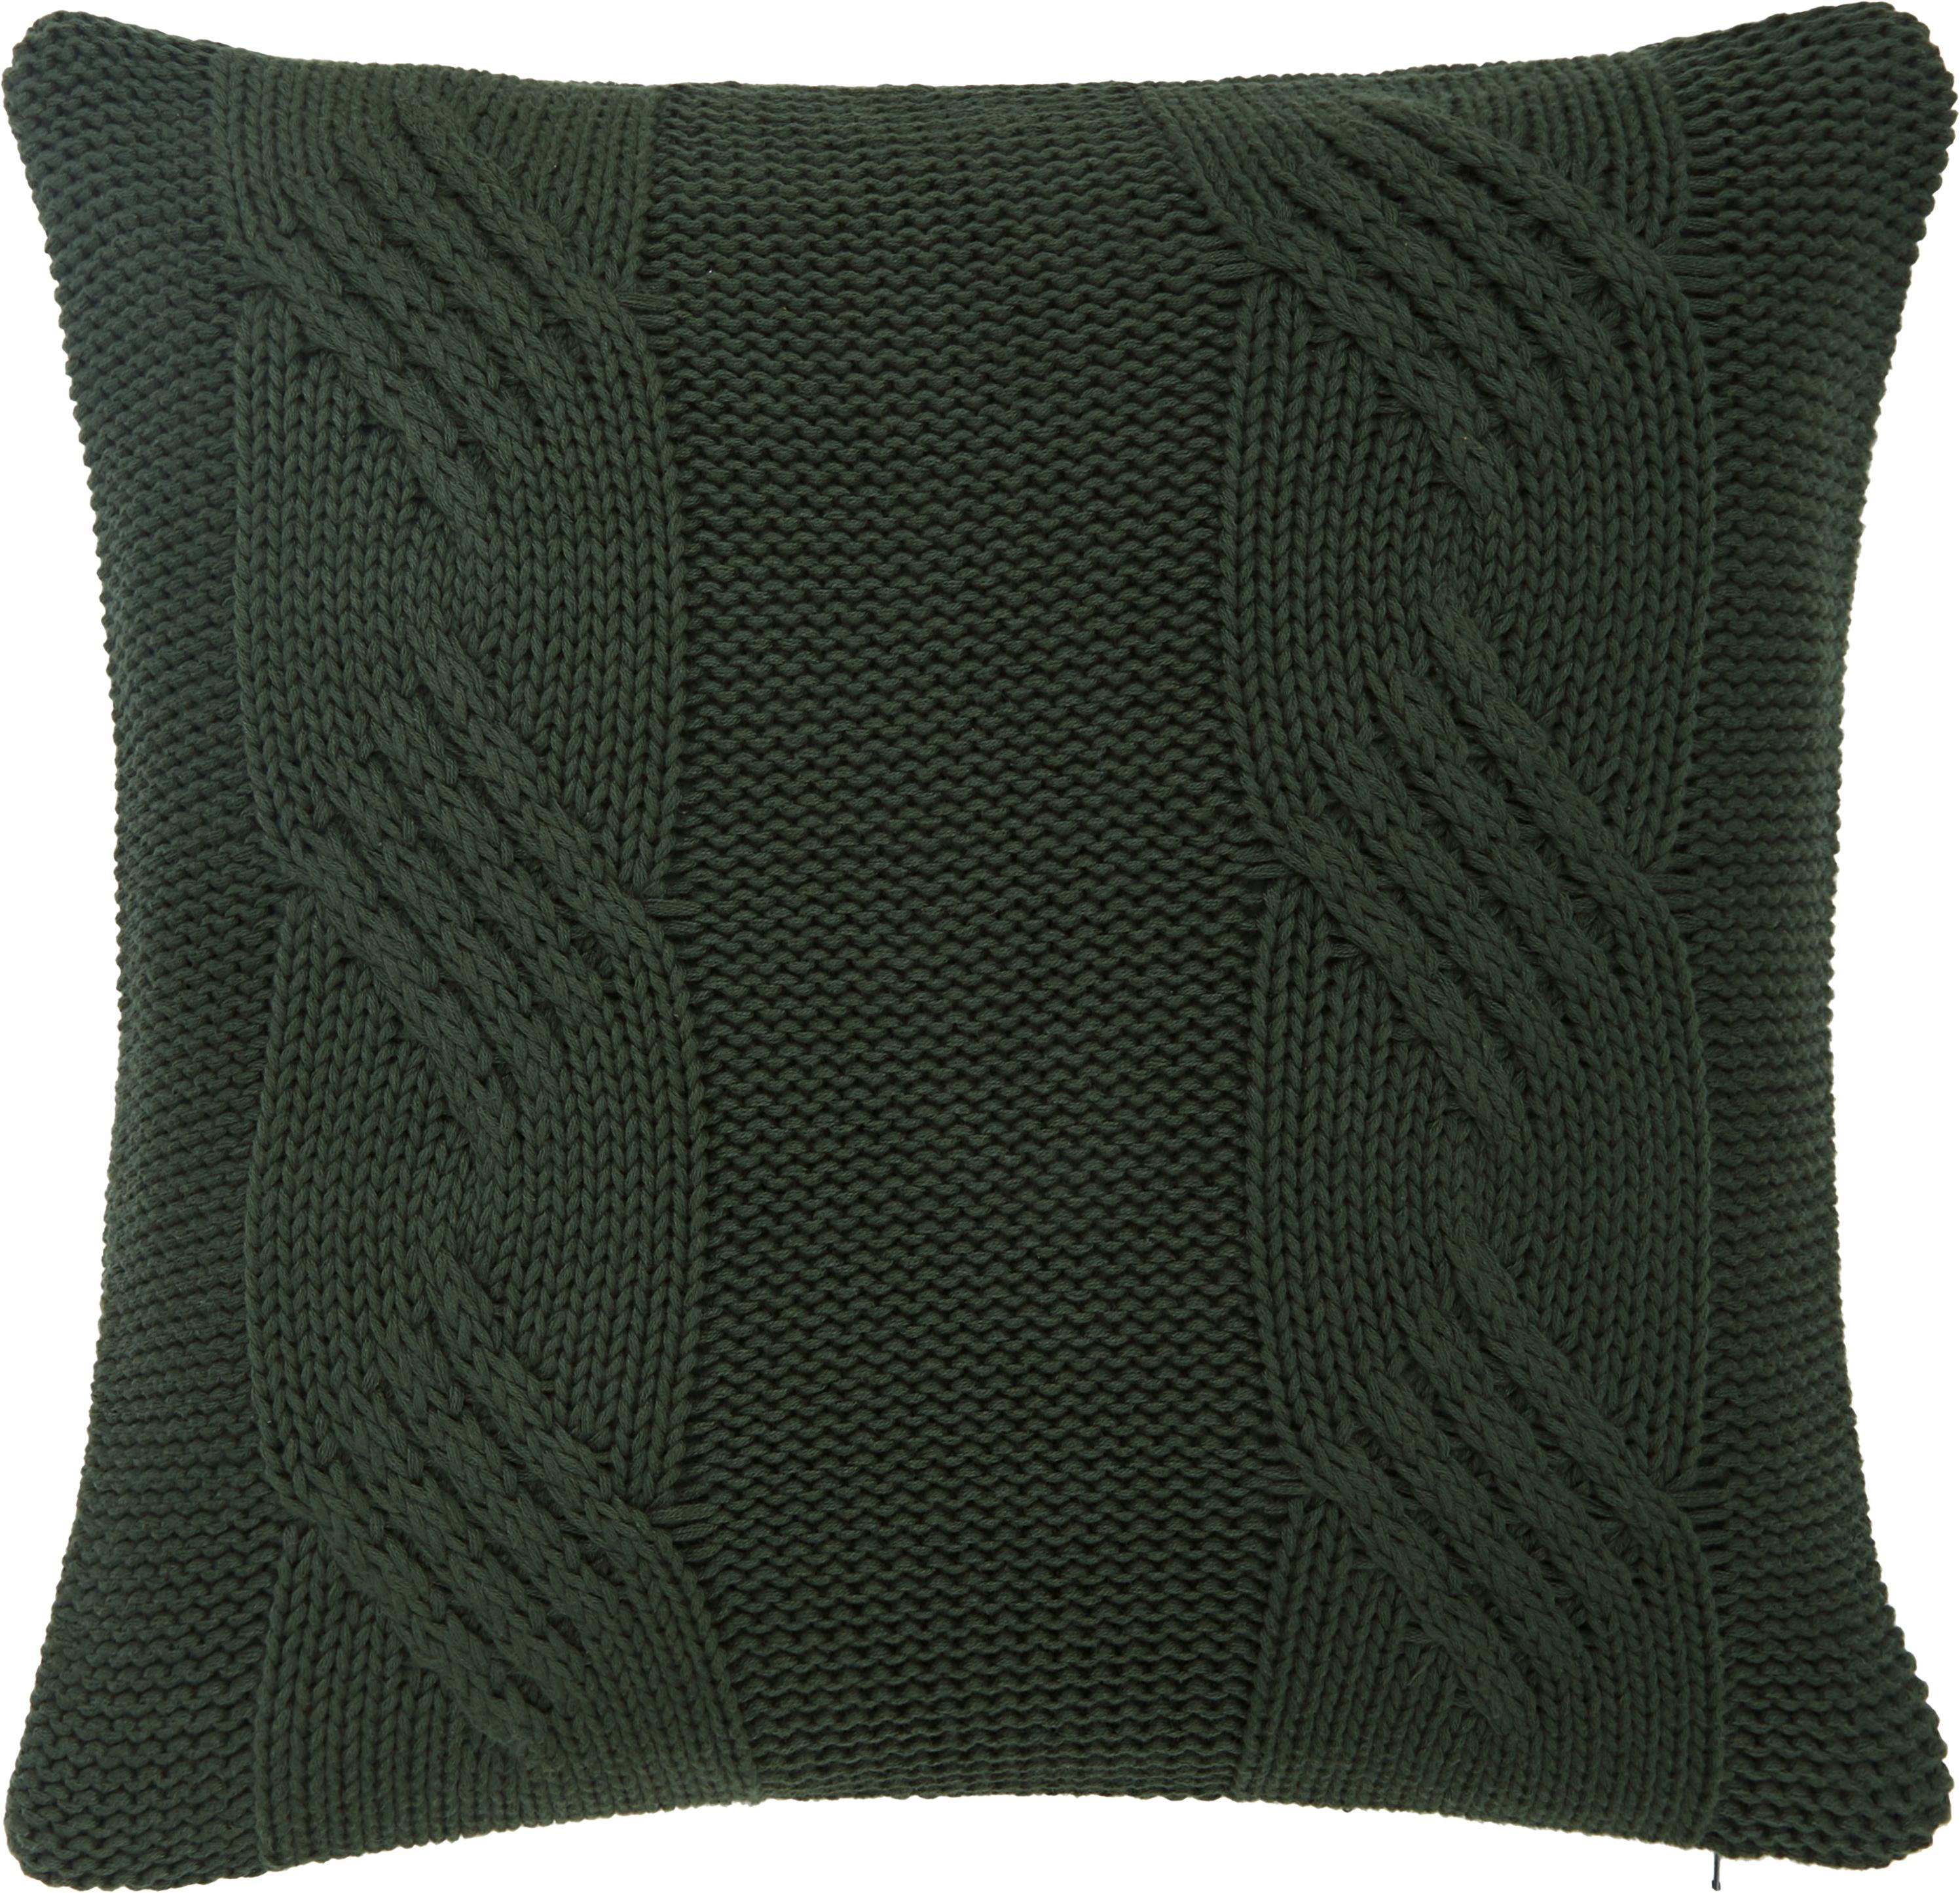 Poszewka na poduszkę z dzianiny Jonah, 100% bawełna, Ciemny zielony, S 40 x D 40 cm